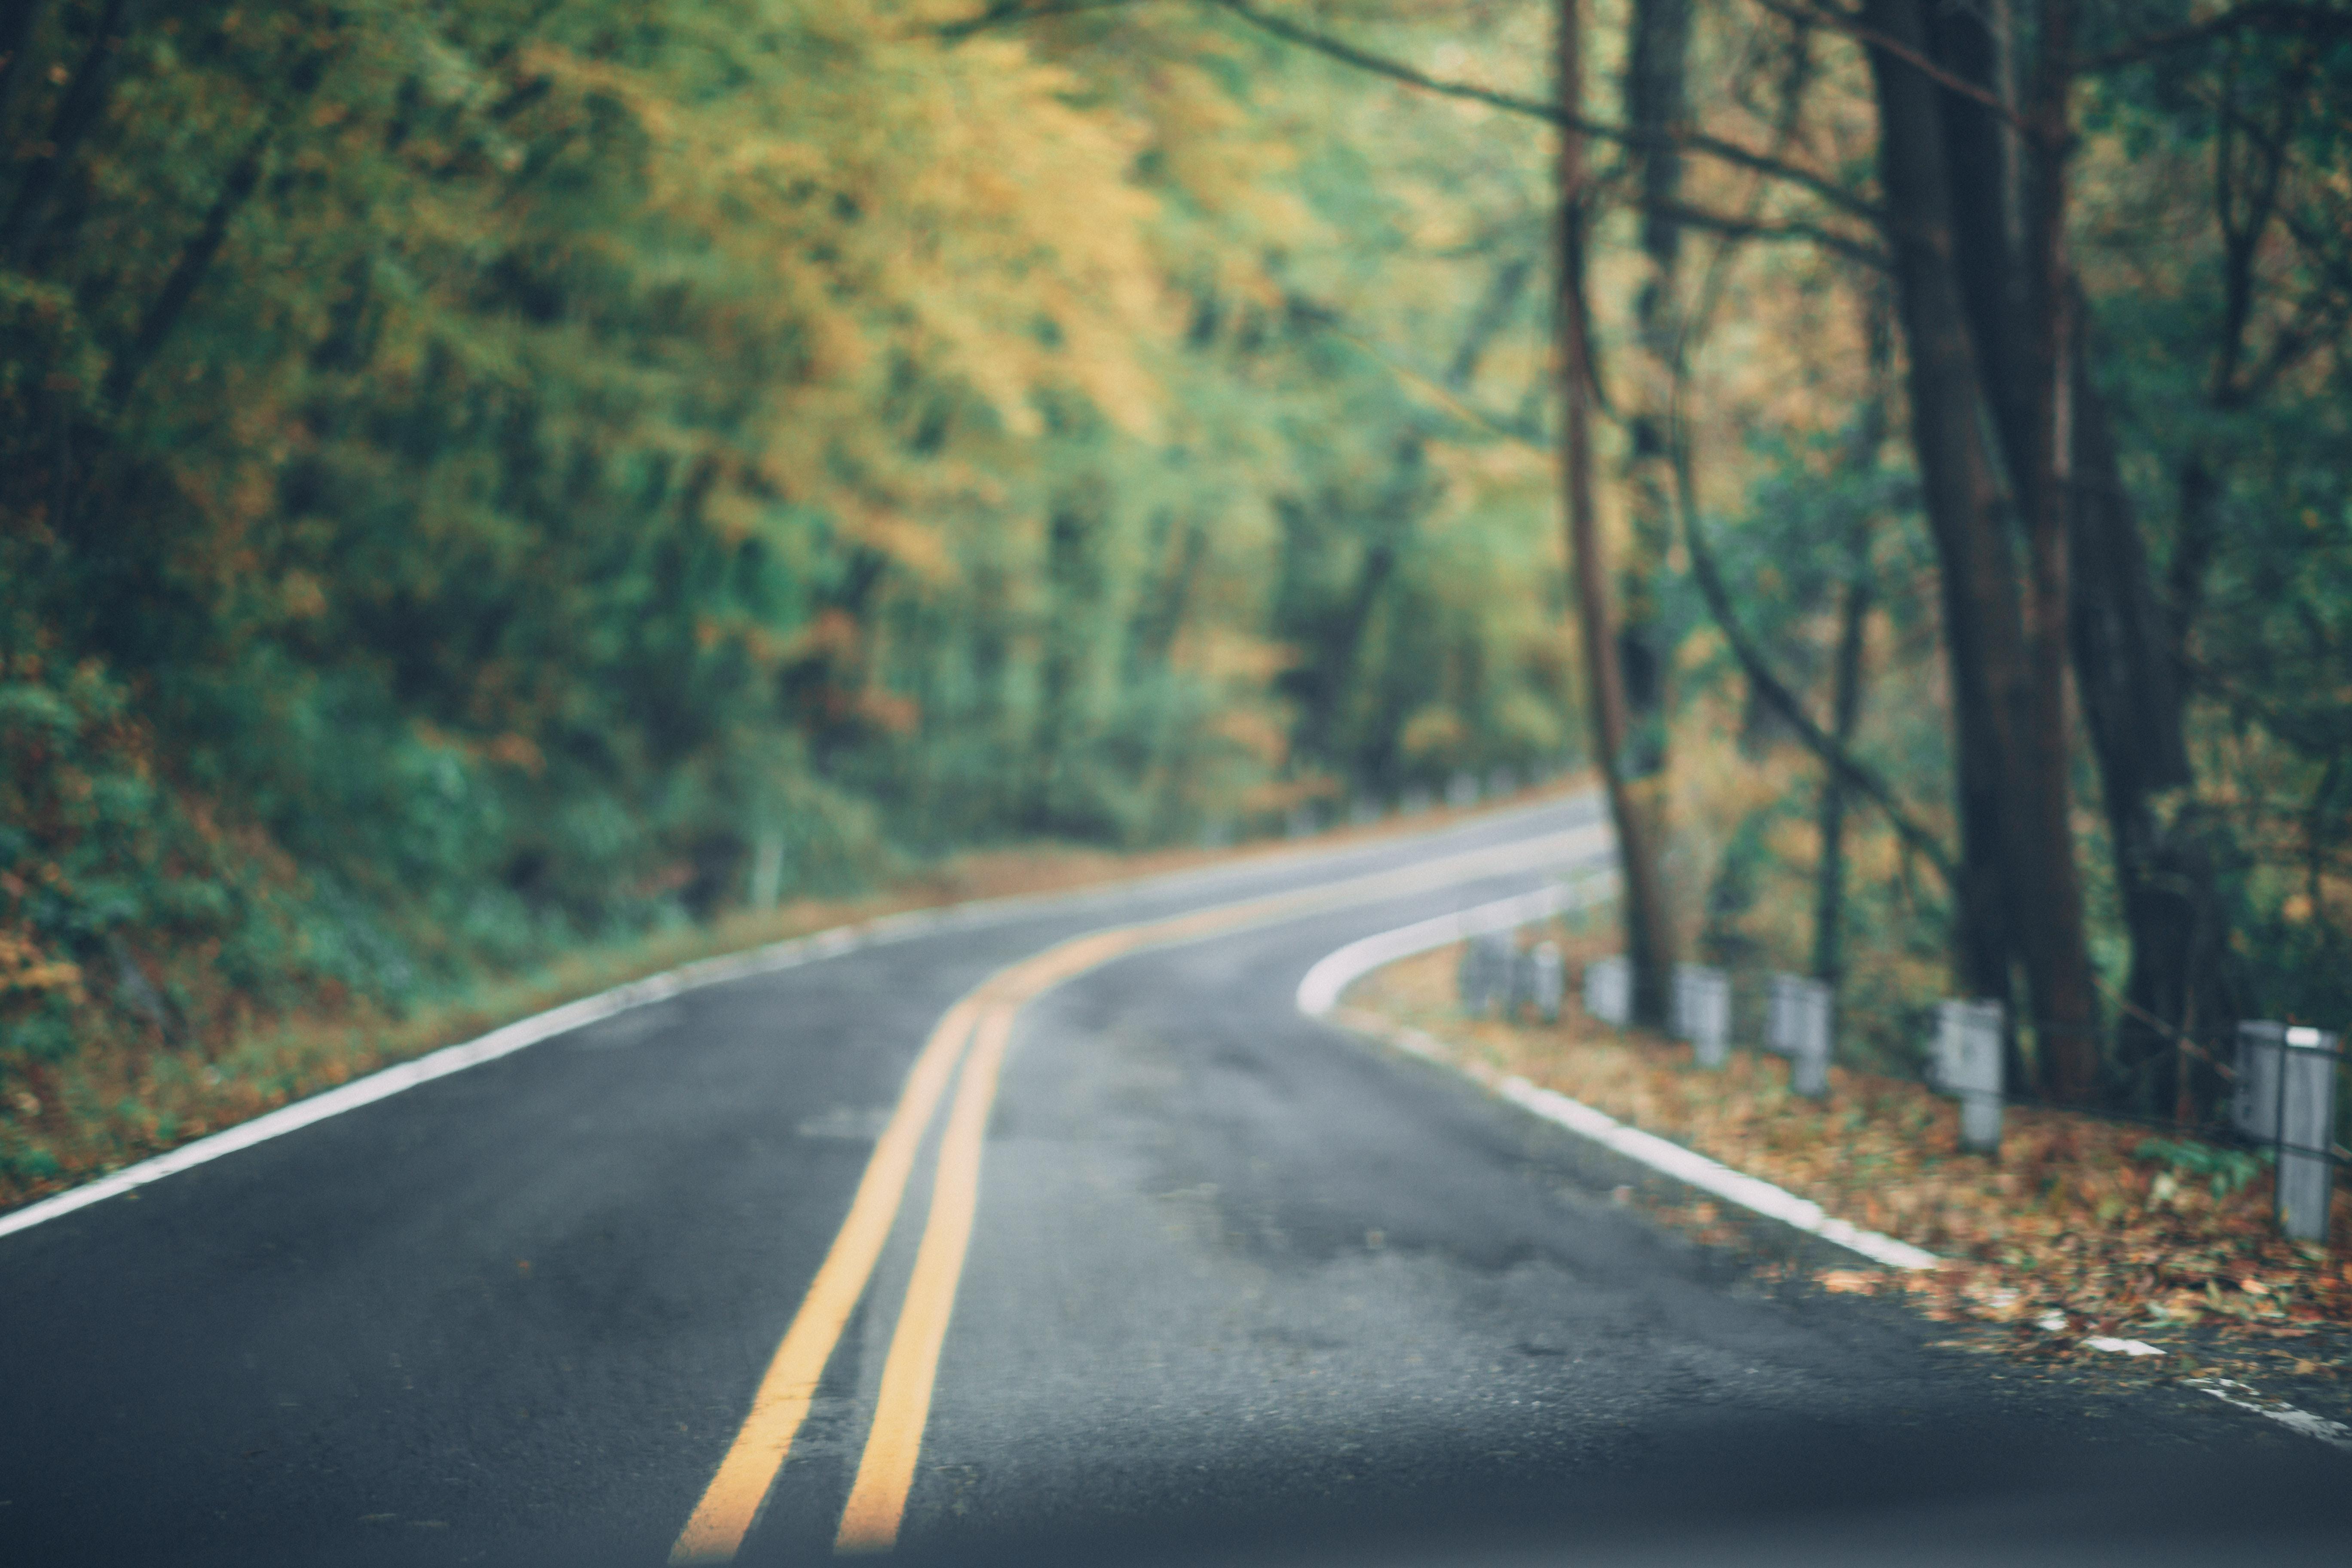 asphalt-back-road-blurred-background-1546901